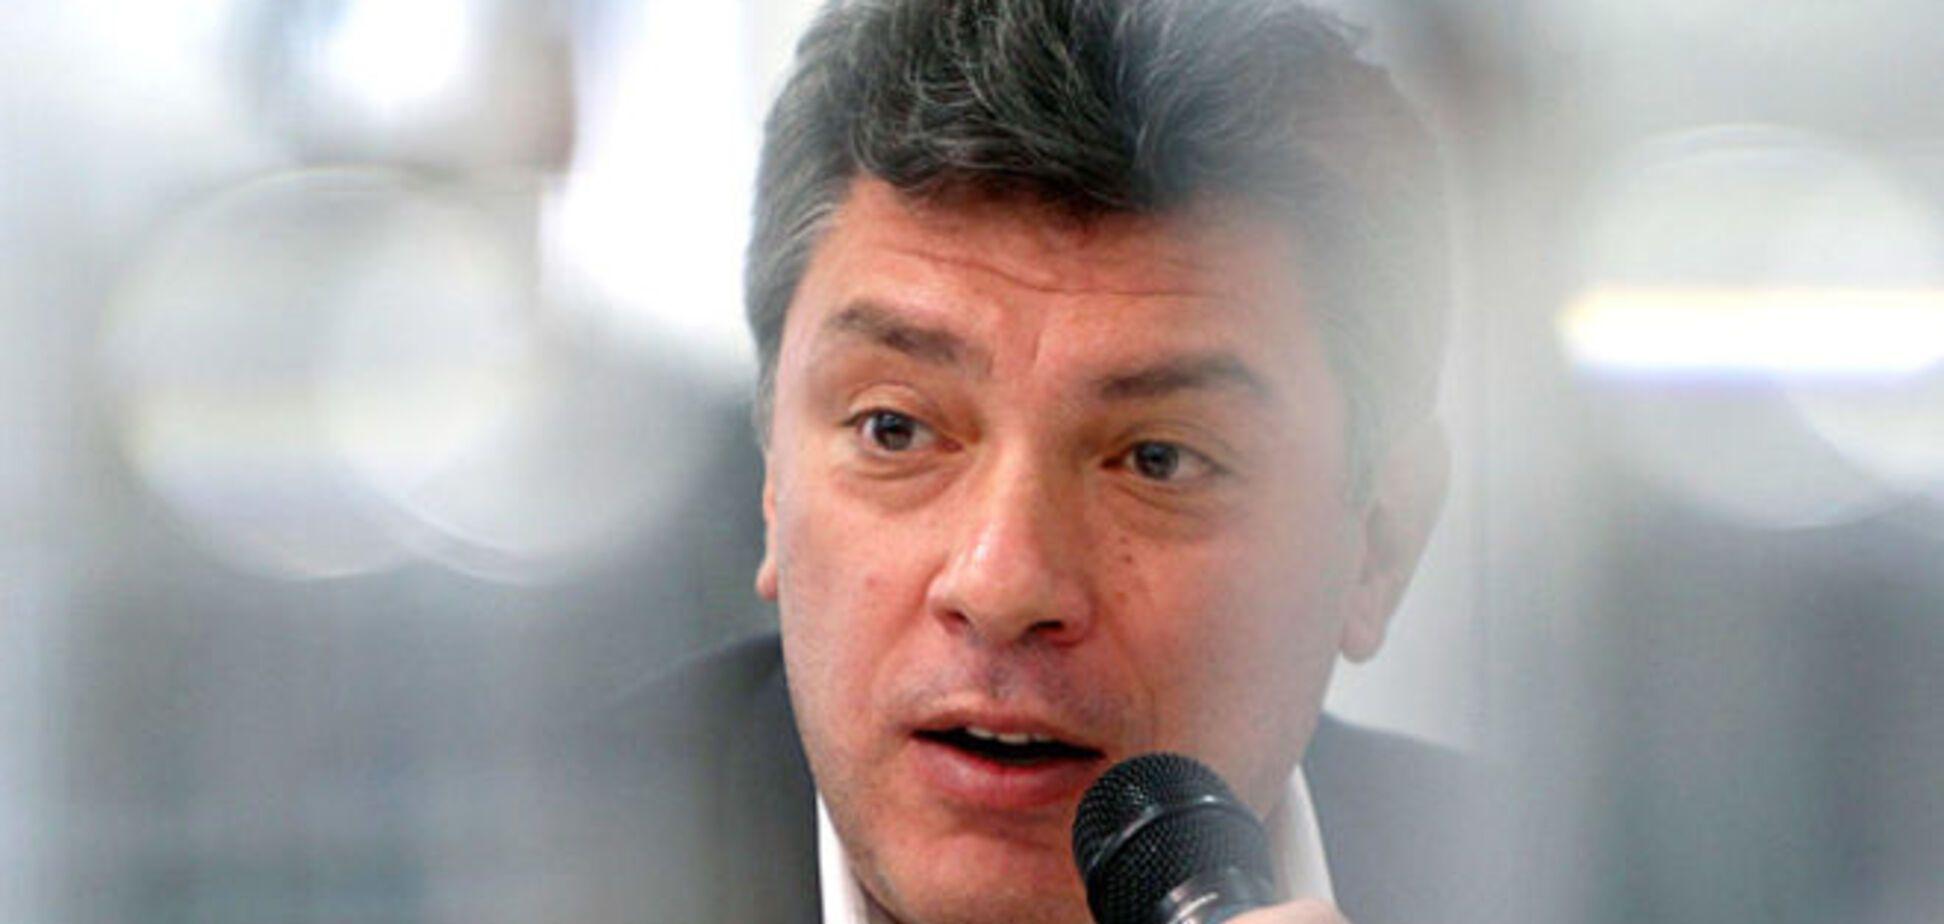 Обнародованы основные официальные версии убийства Немцова